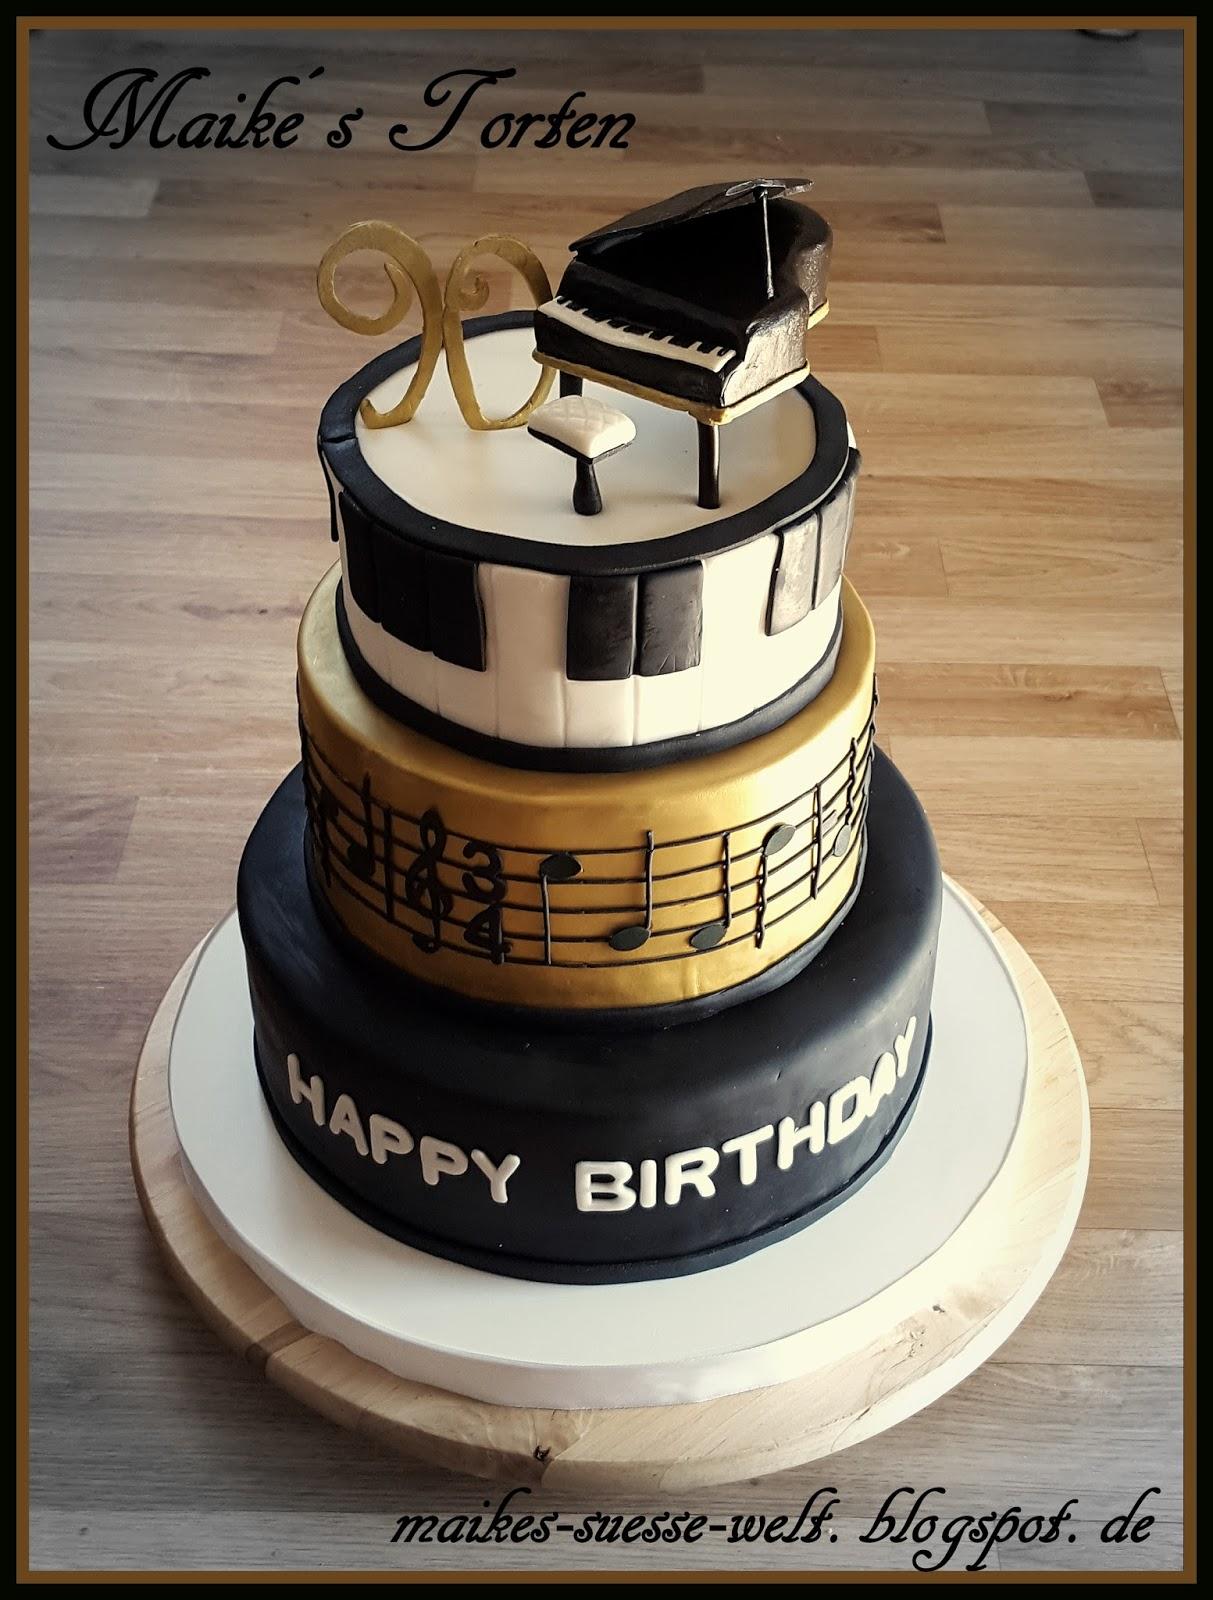 Geburtstagskarte Mit Geburtstag Kuchen Stock Vektor Art Und Mehr